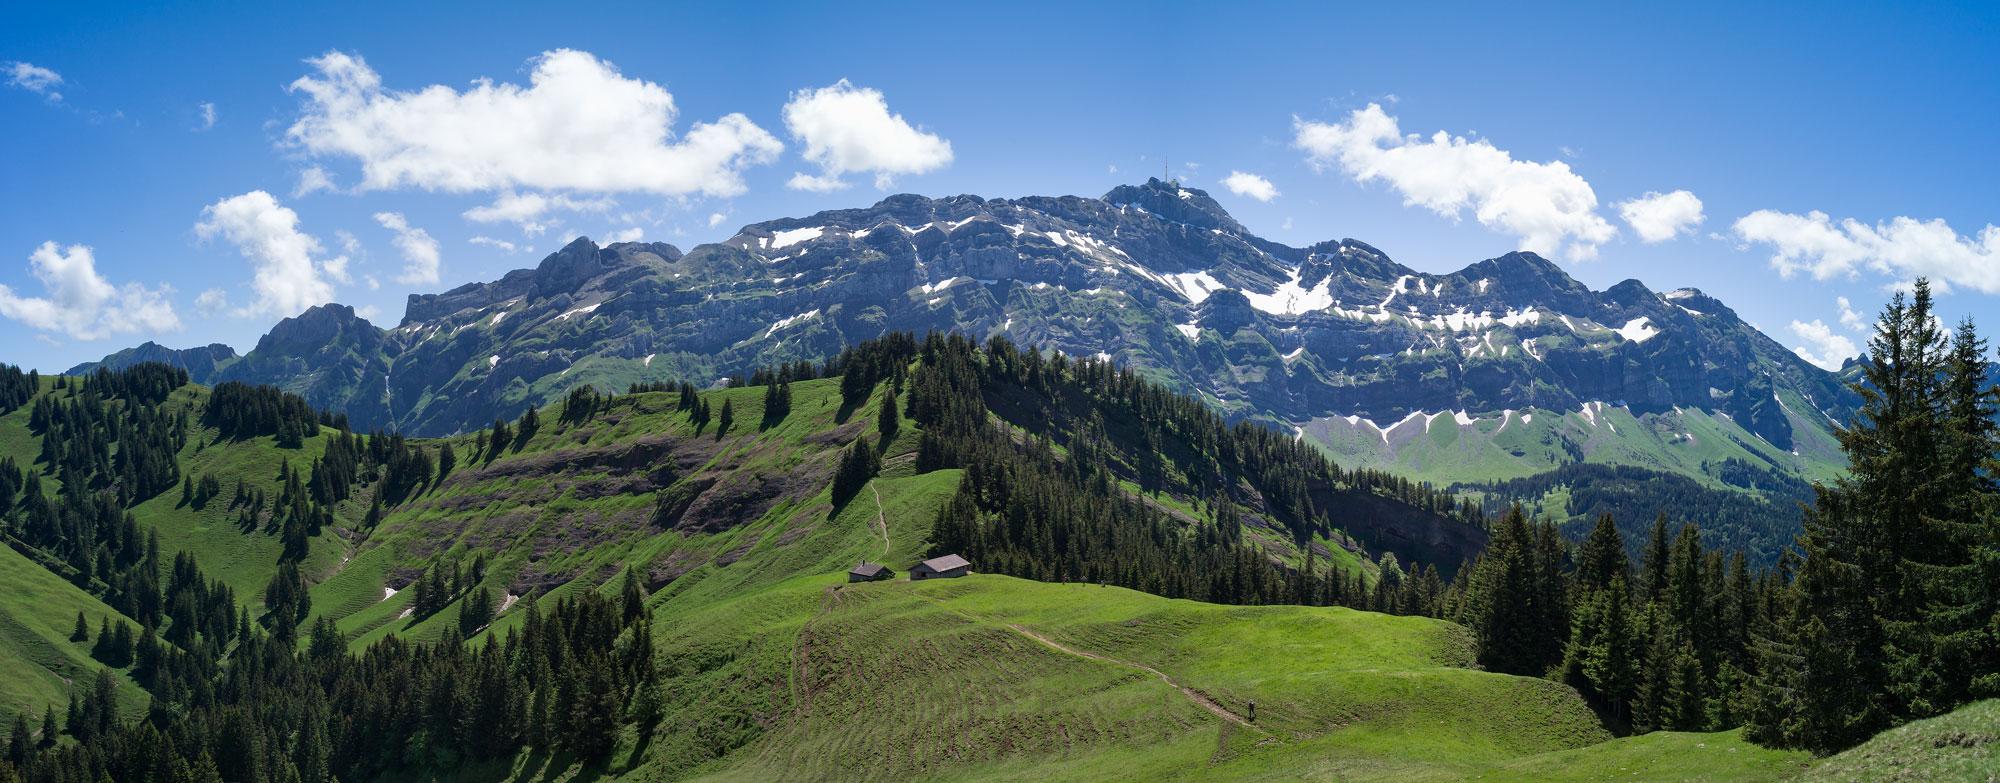 Der Säntis ist mit 2.502 mder höchte Gipfel des Alpstein © Martina Basista